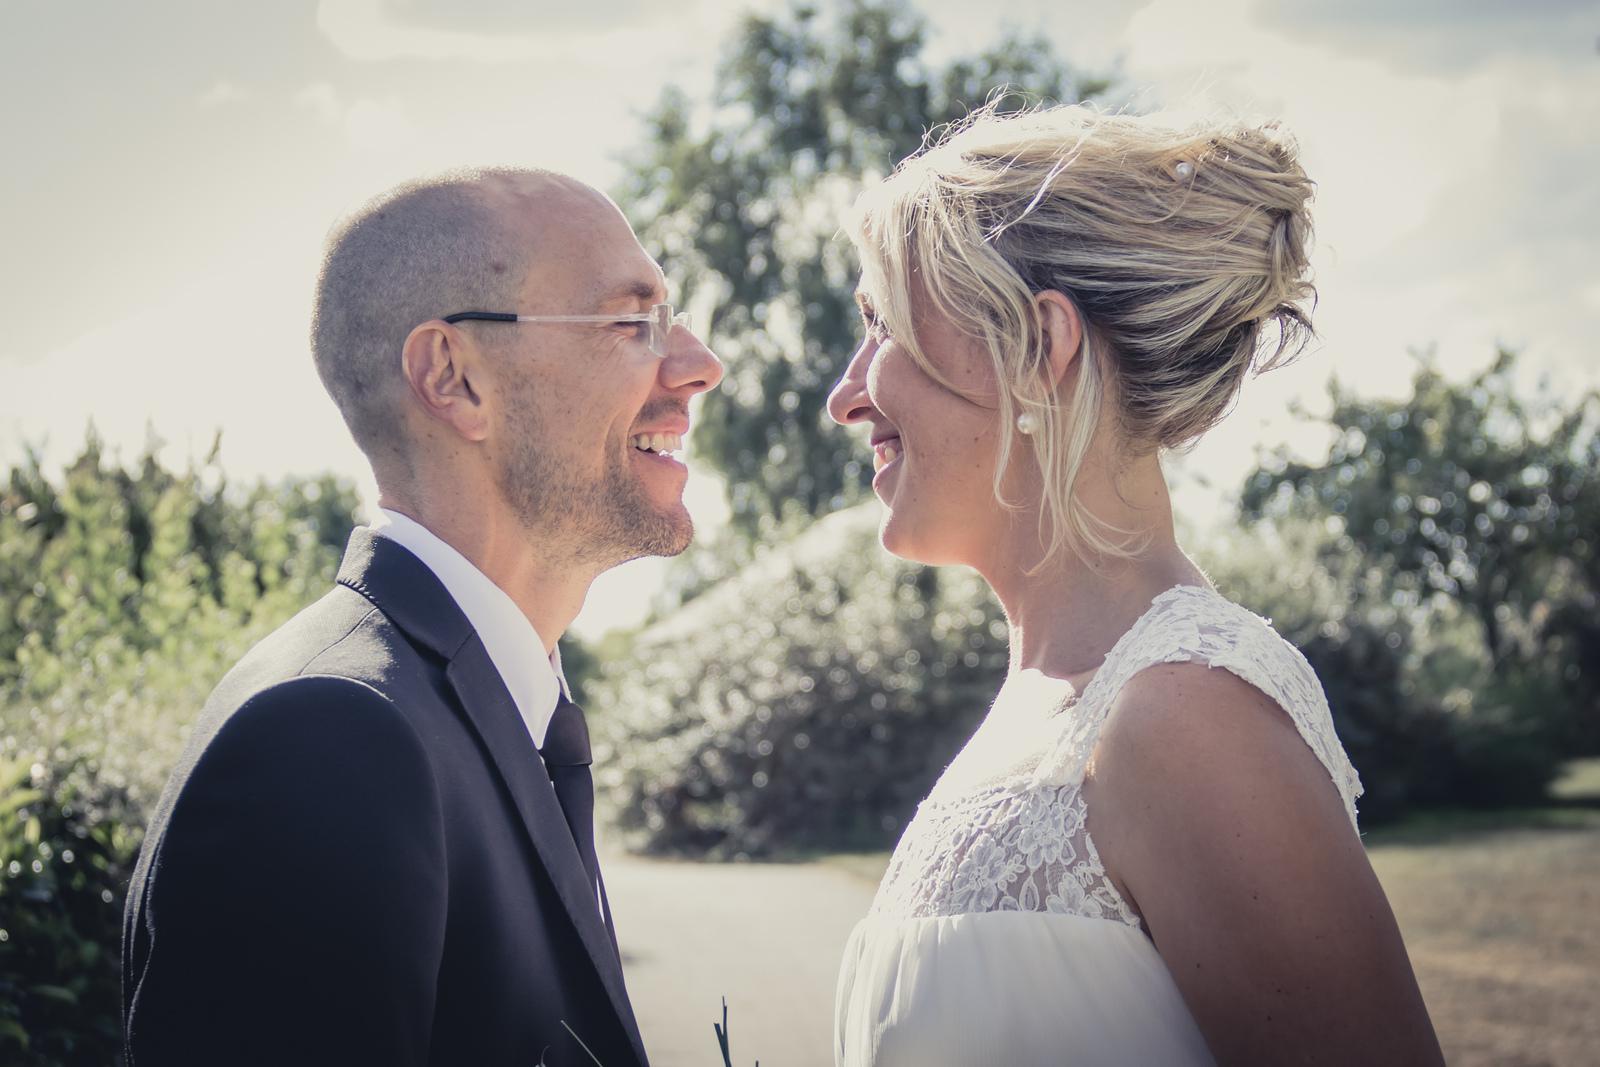 Le mariage civil de Manuella en toute simplicité et en émotions